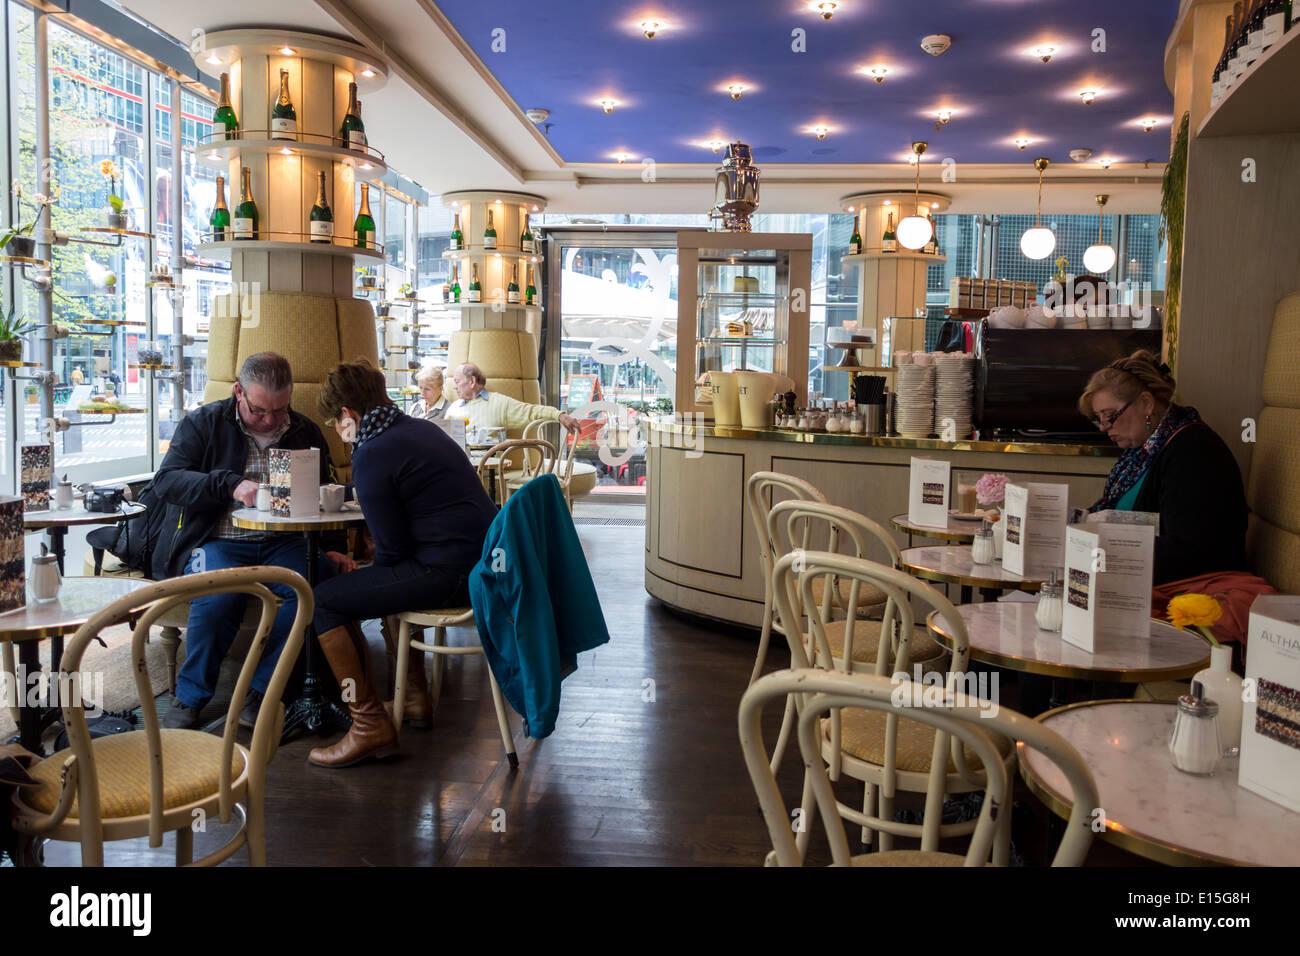 Mobile Al G S Cafe